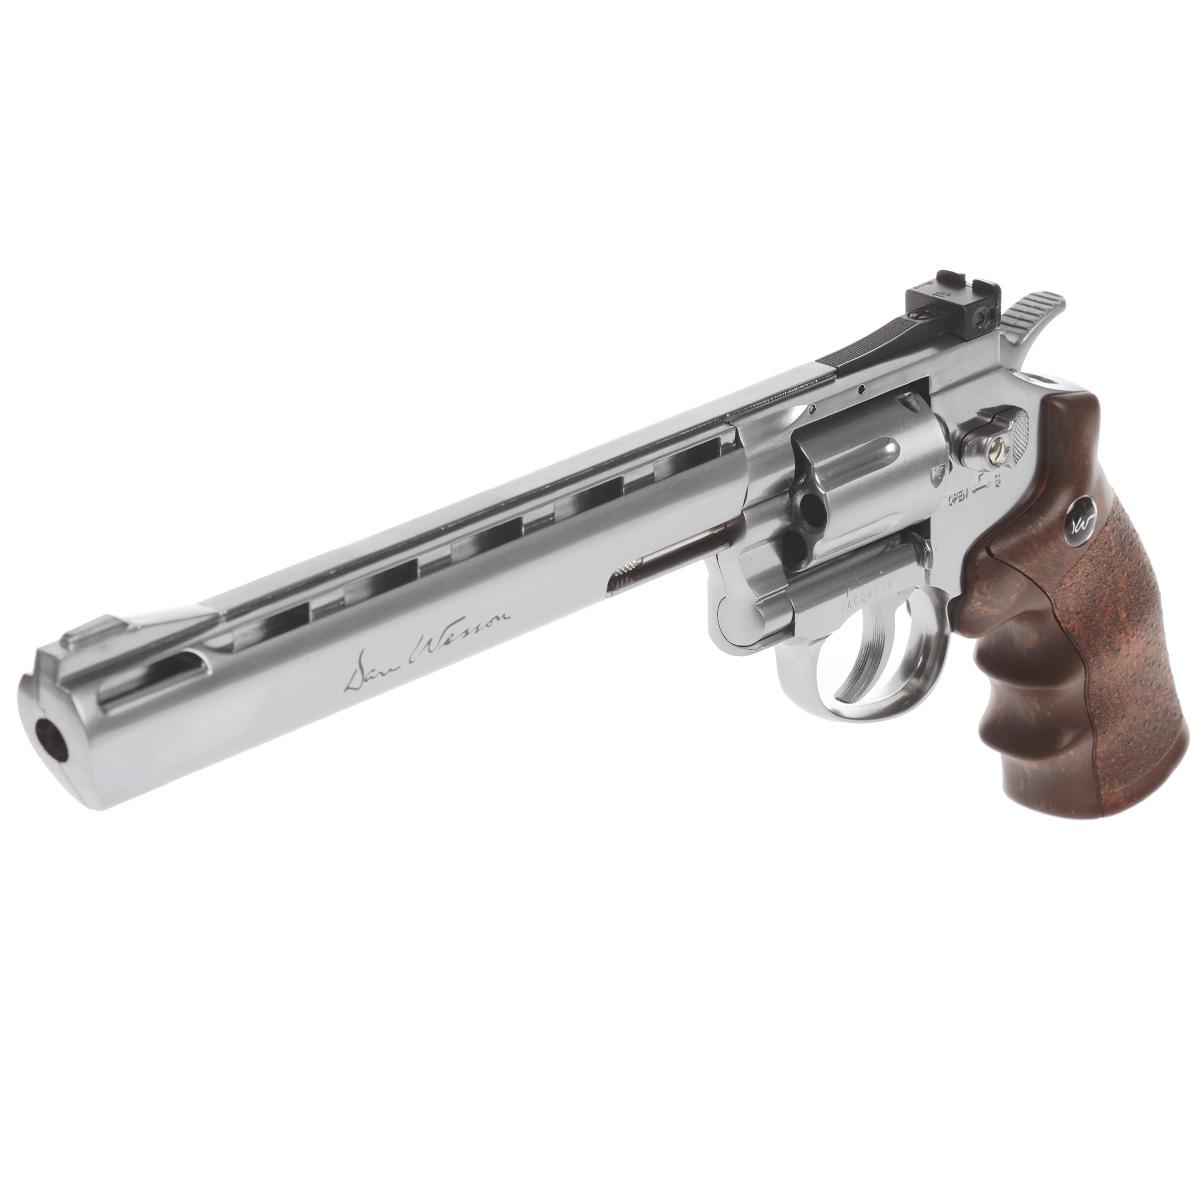 """ASG Револьвер страйкбольный ASG """"Dan Wesson 8"""" Silver CO2"""", калибр 6 мм"""